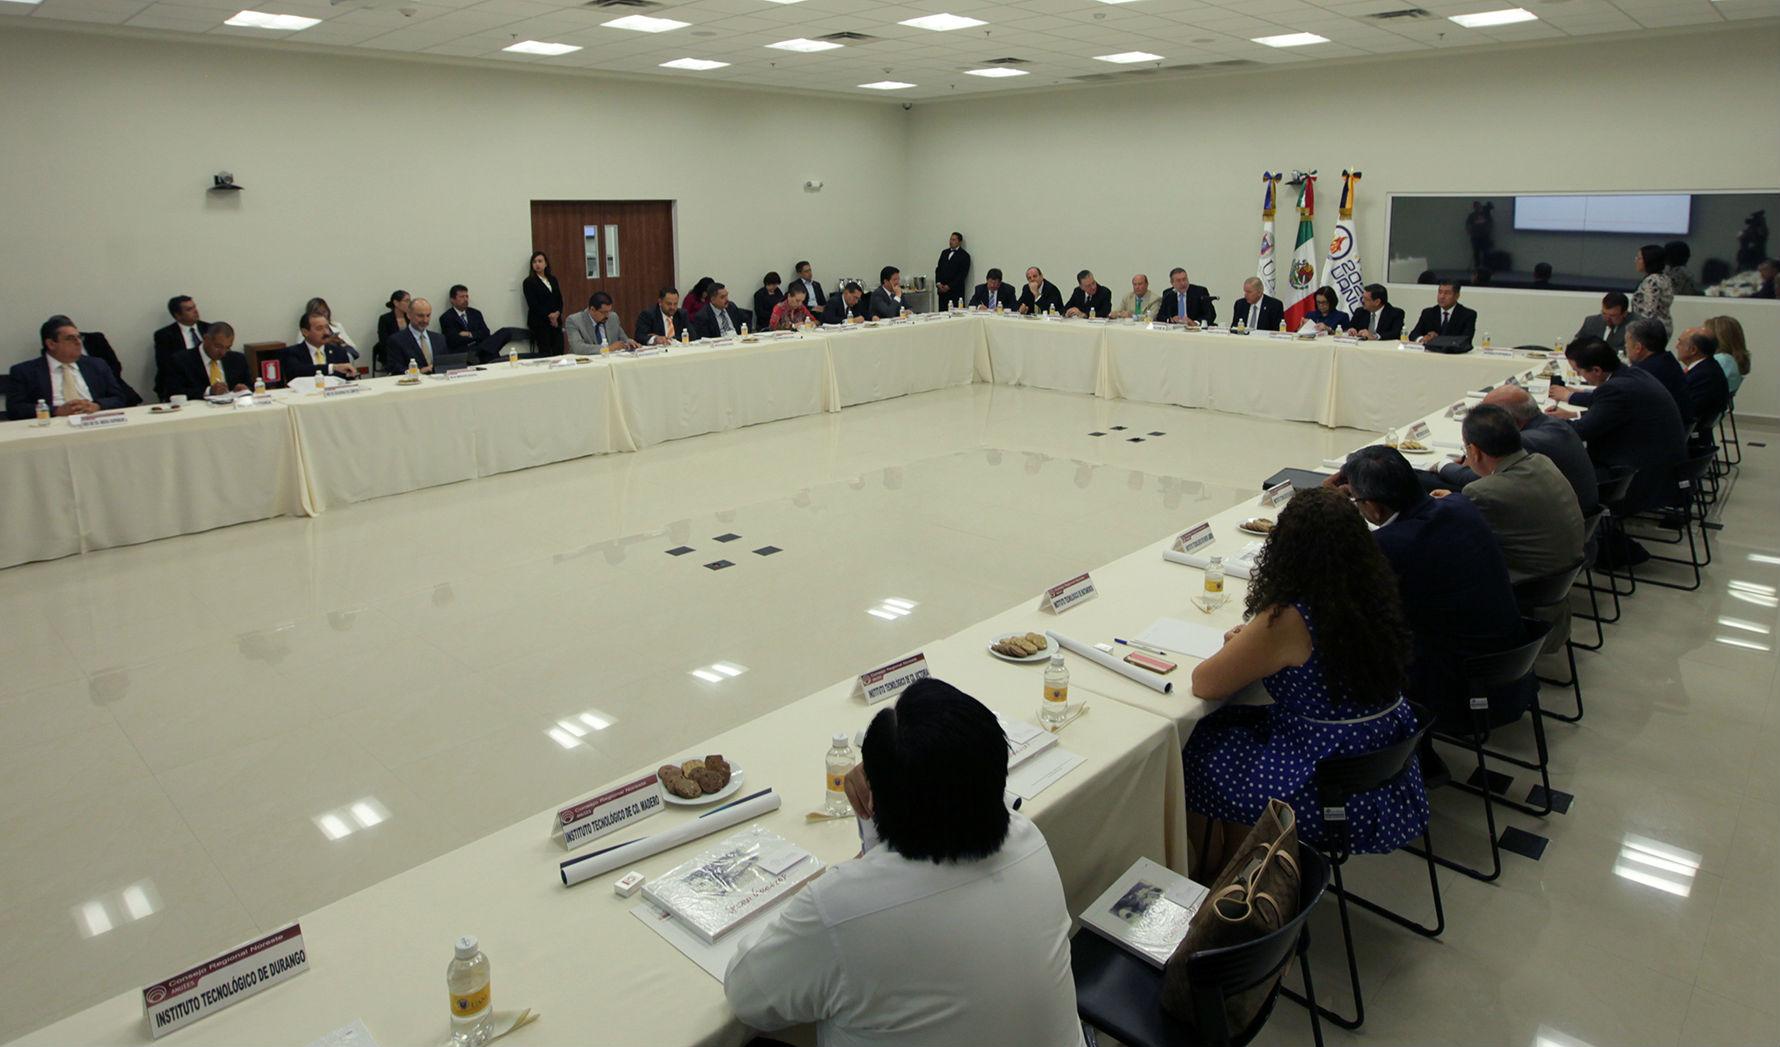 La sesión fue llevada a cabo en el Centro de Internacionalización de la UANL